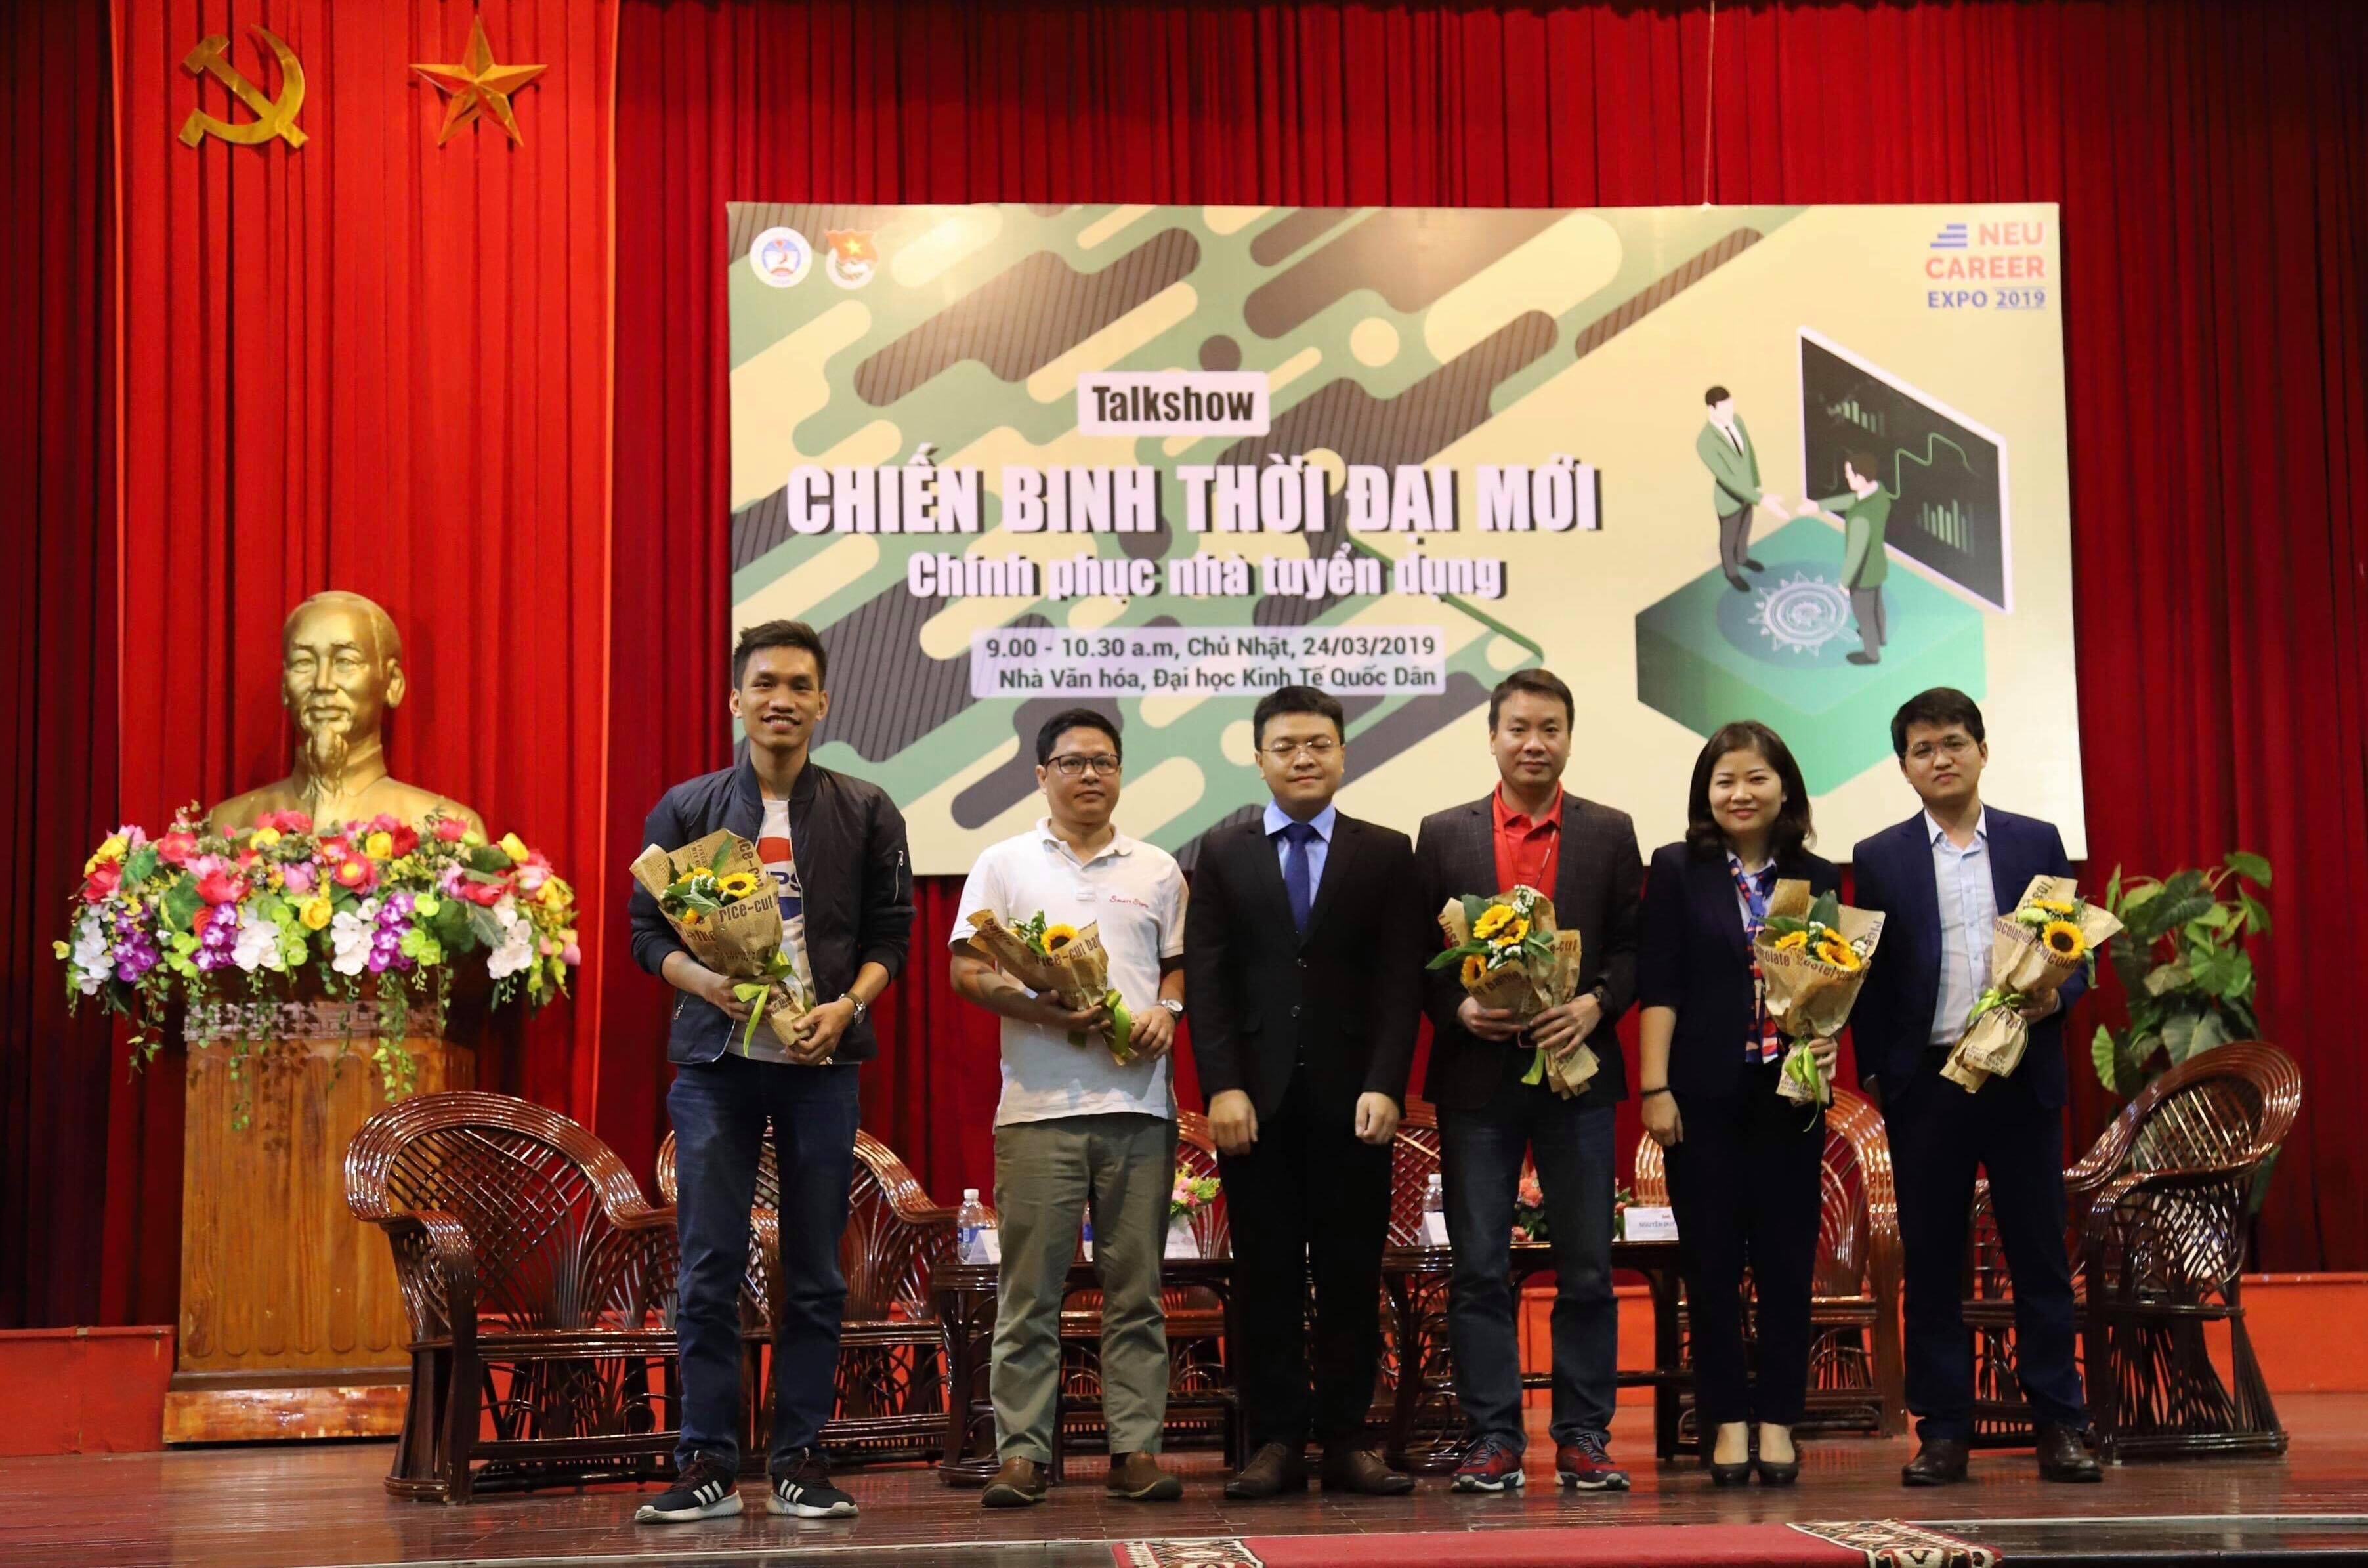 Tân Á Đại Thành mang đến nhiều cơ hội việc làm tại NEU CAREER EXPO 2019 - Ảnh 2